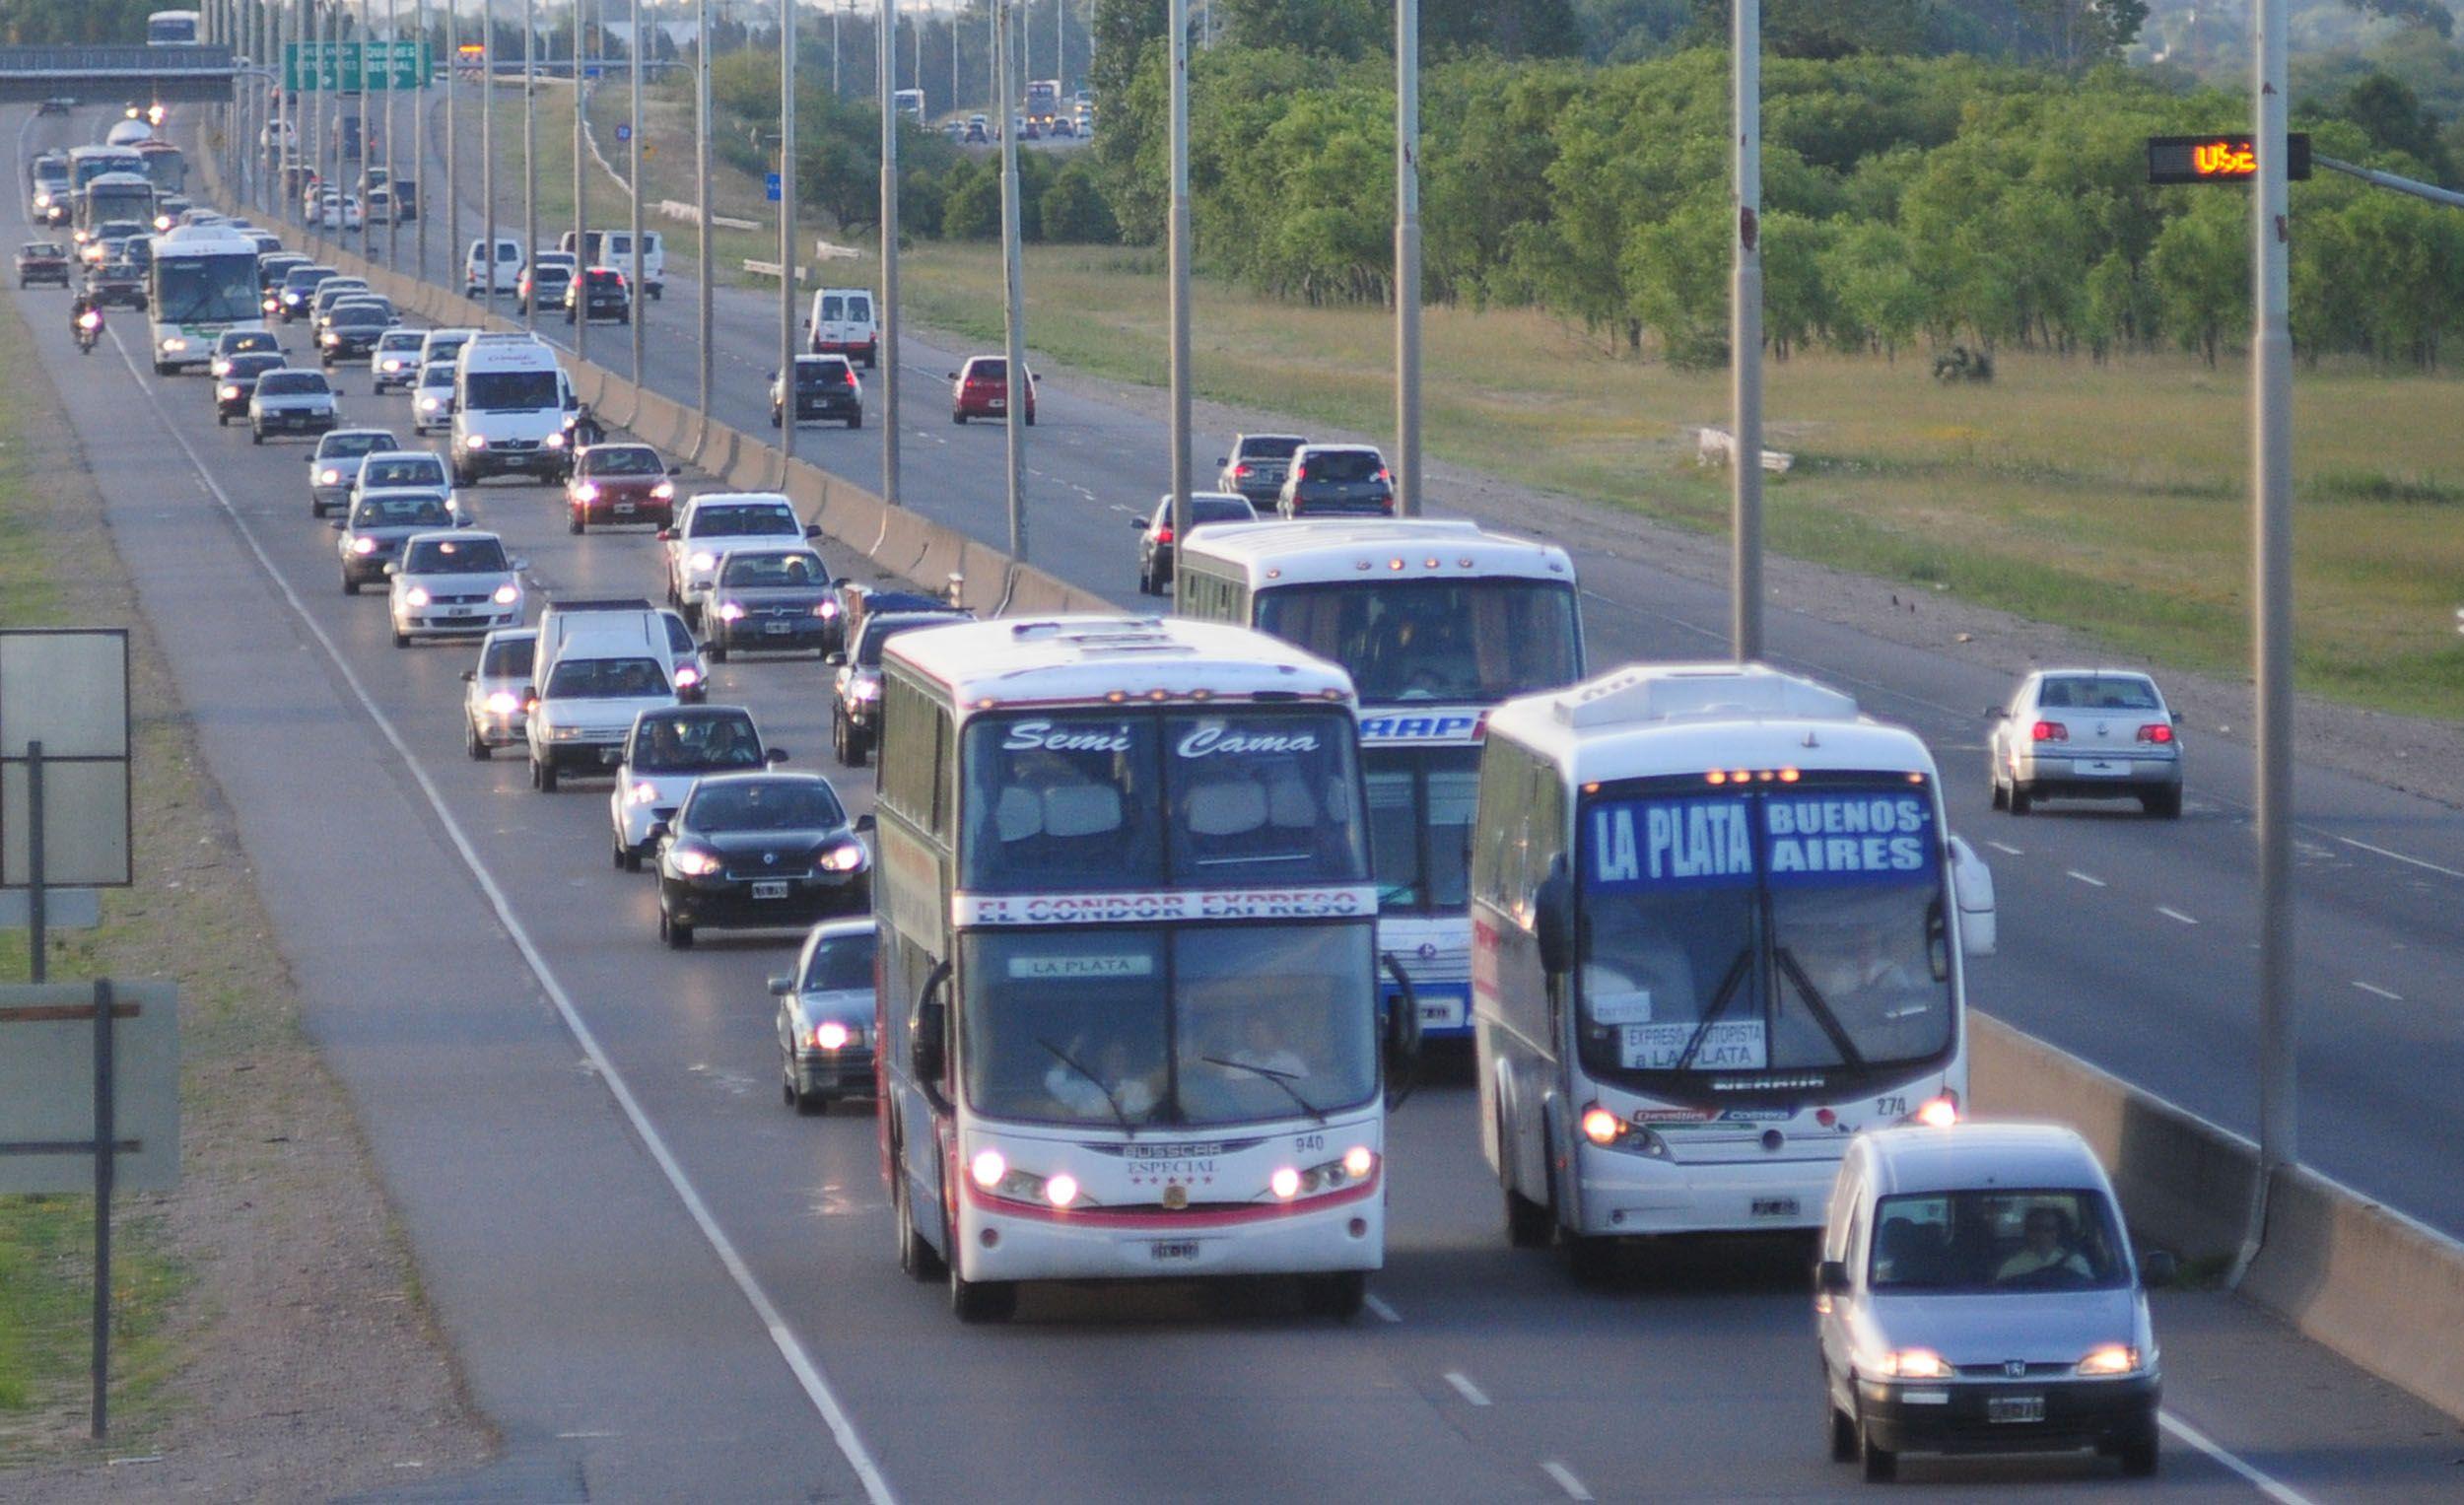 Empezó el éxodo turístico: 2.330 autos por hora camino a la Costa Atlántica